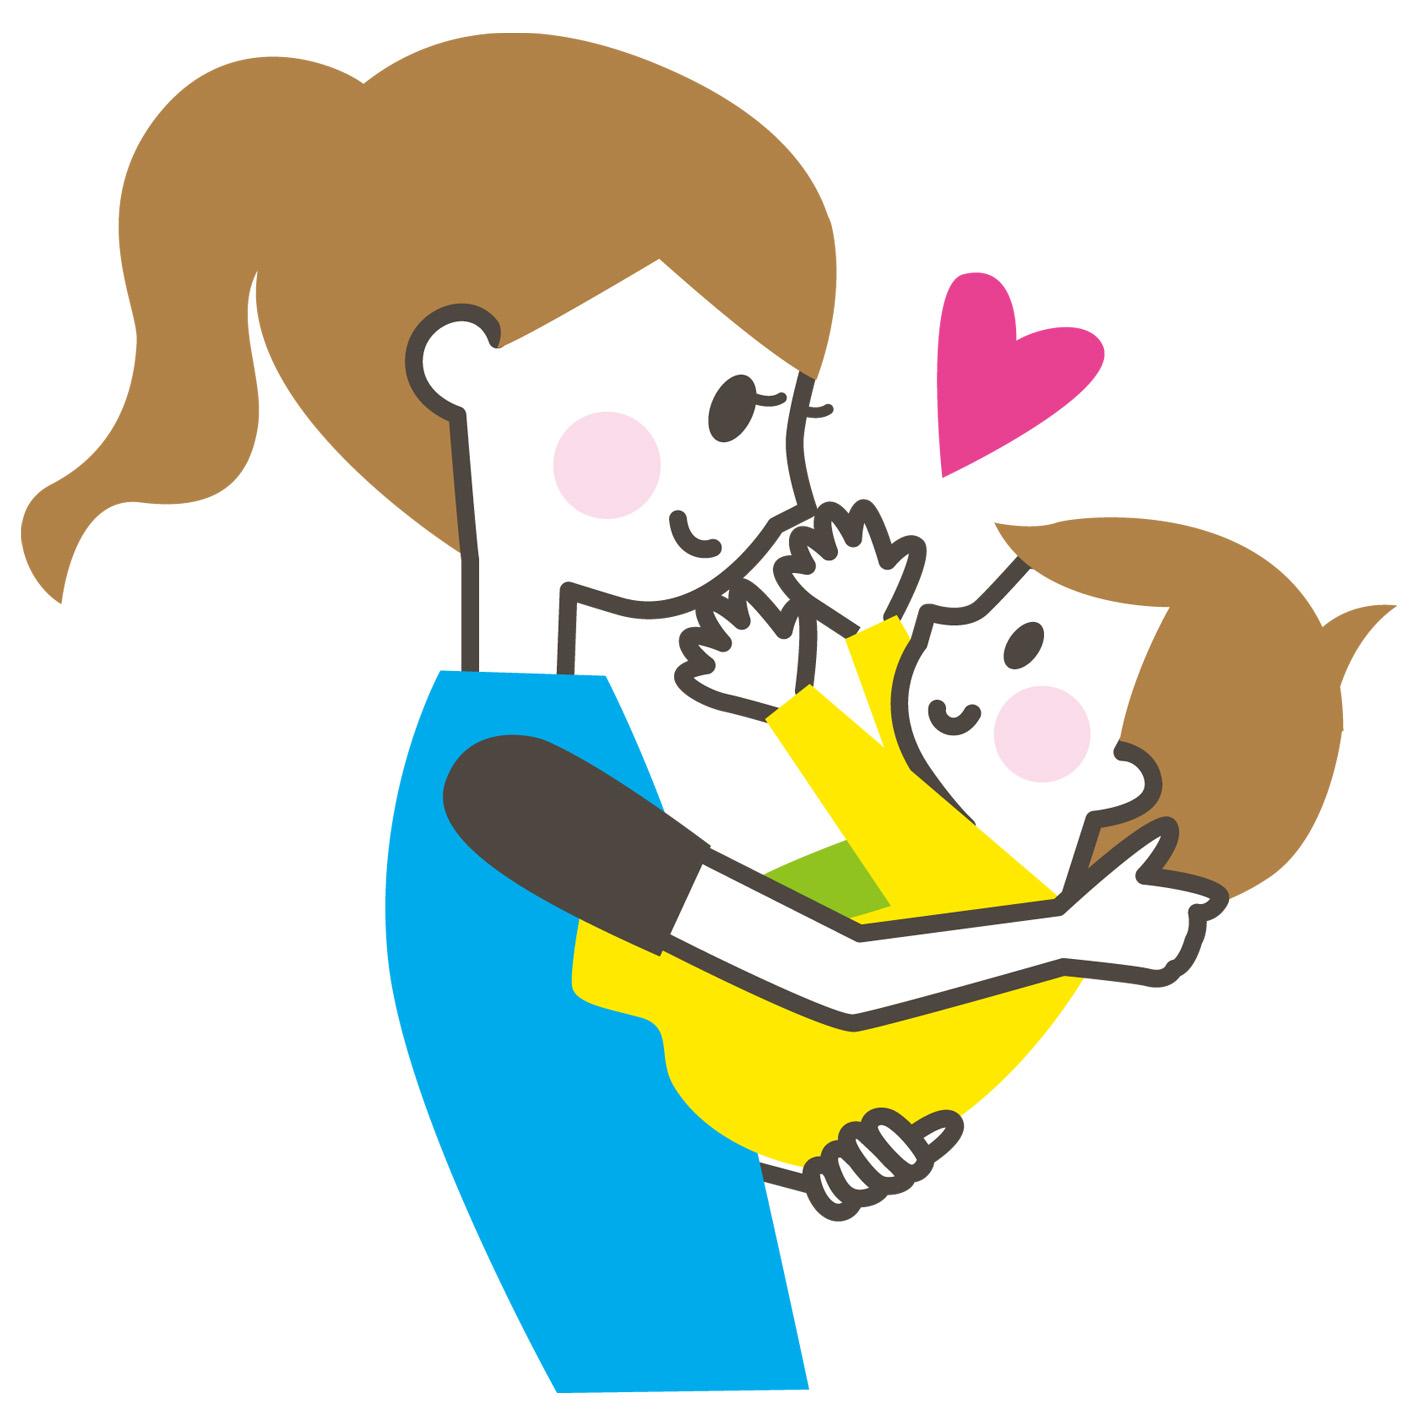 帝王切開分娩と経腟分娩では乳児期の腸内細菌叢が異なるか?